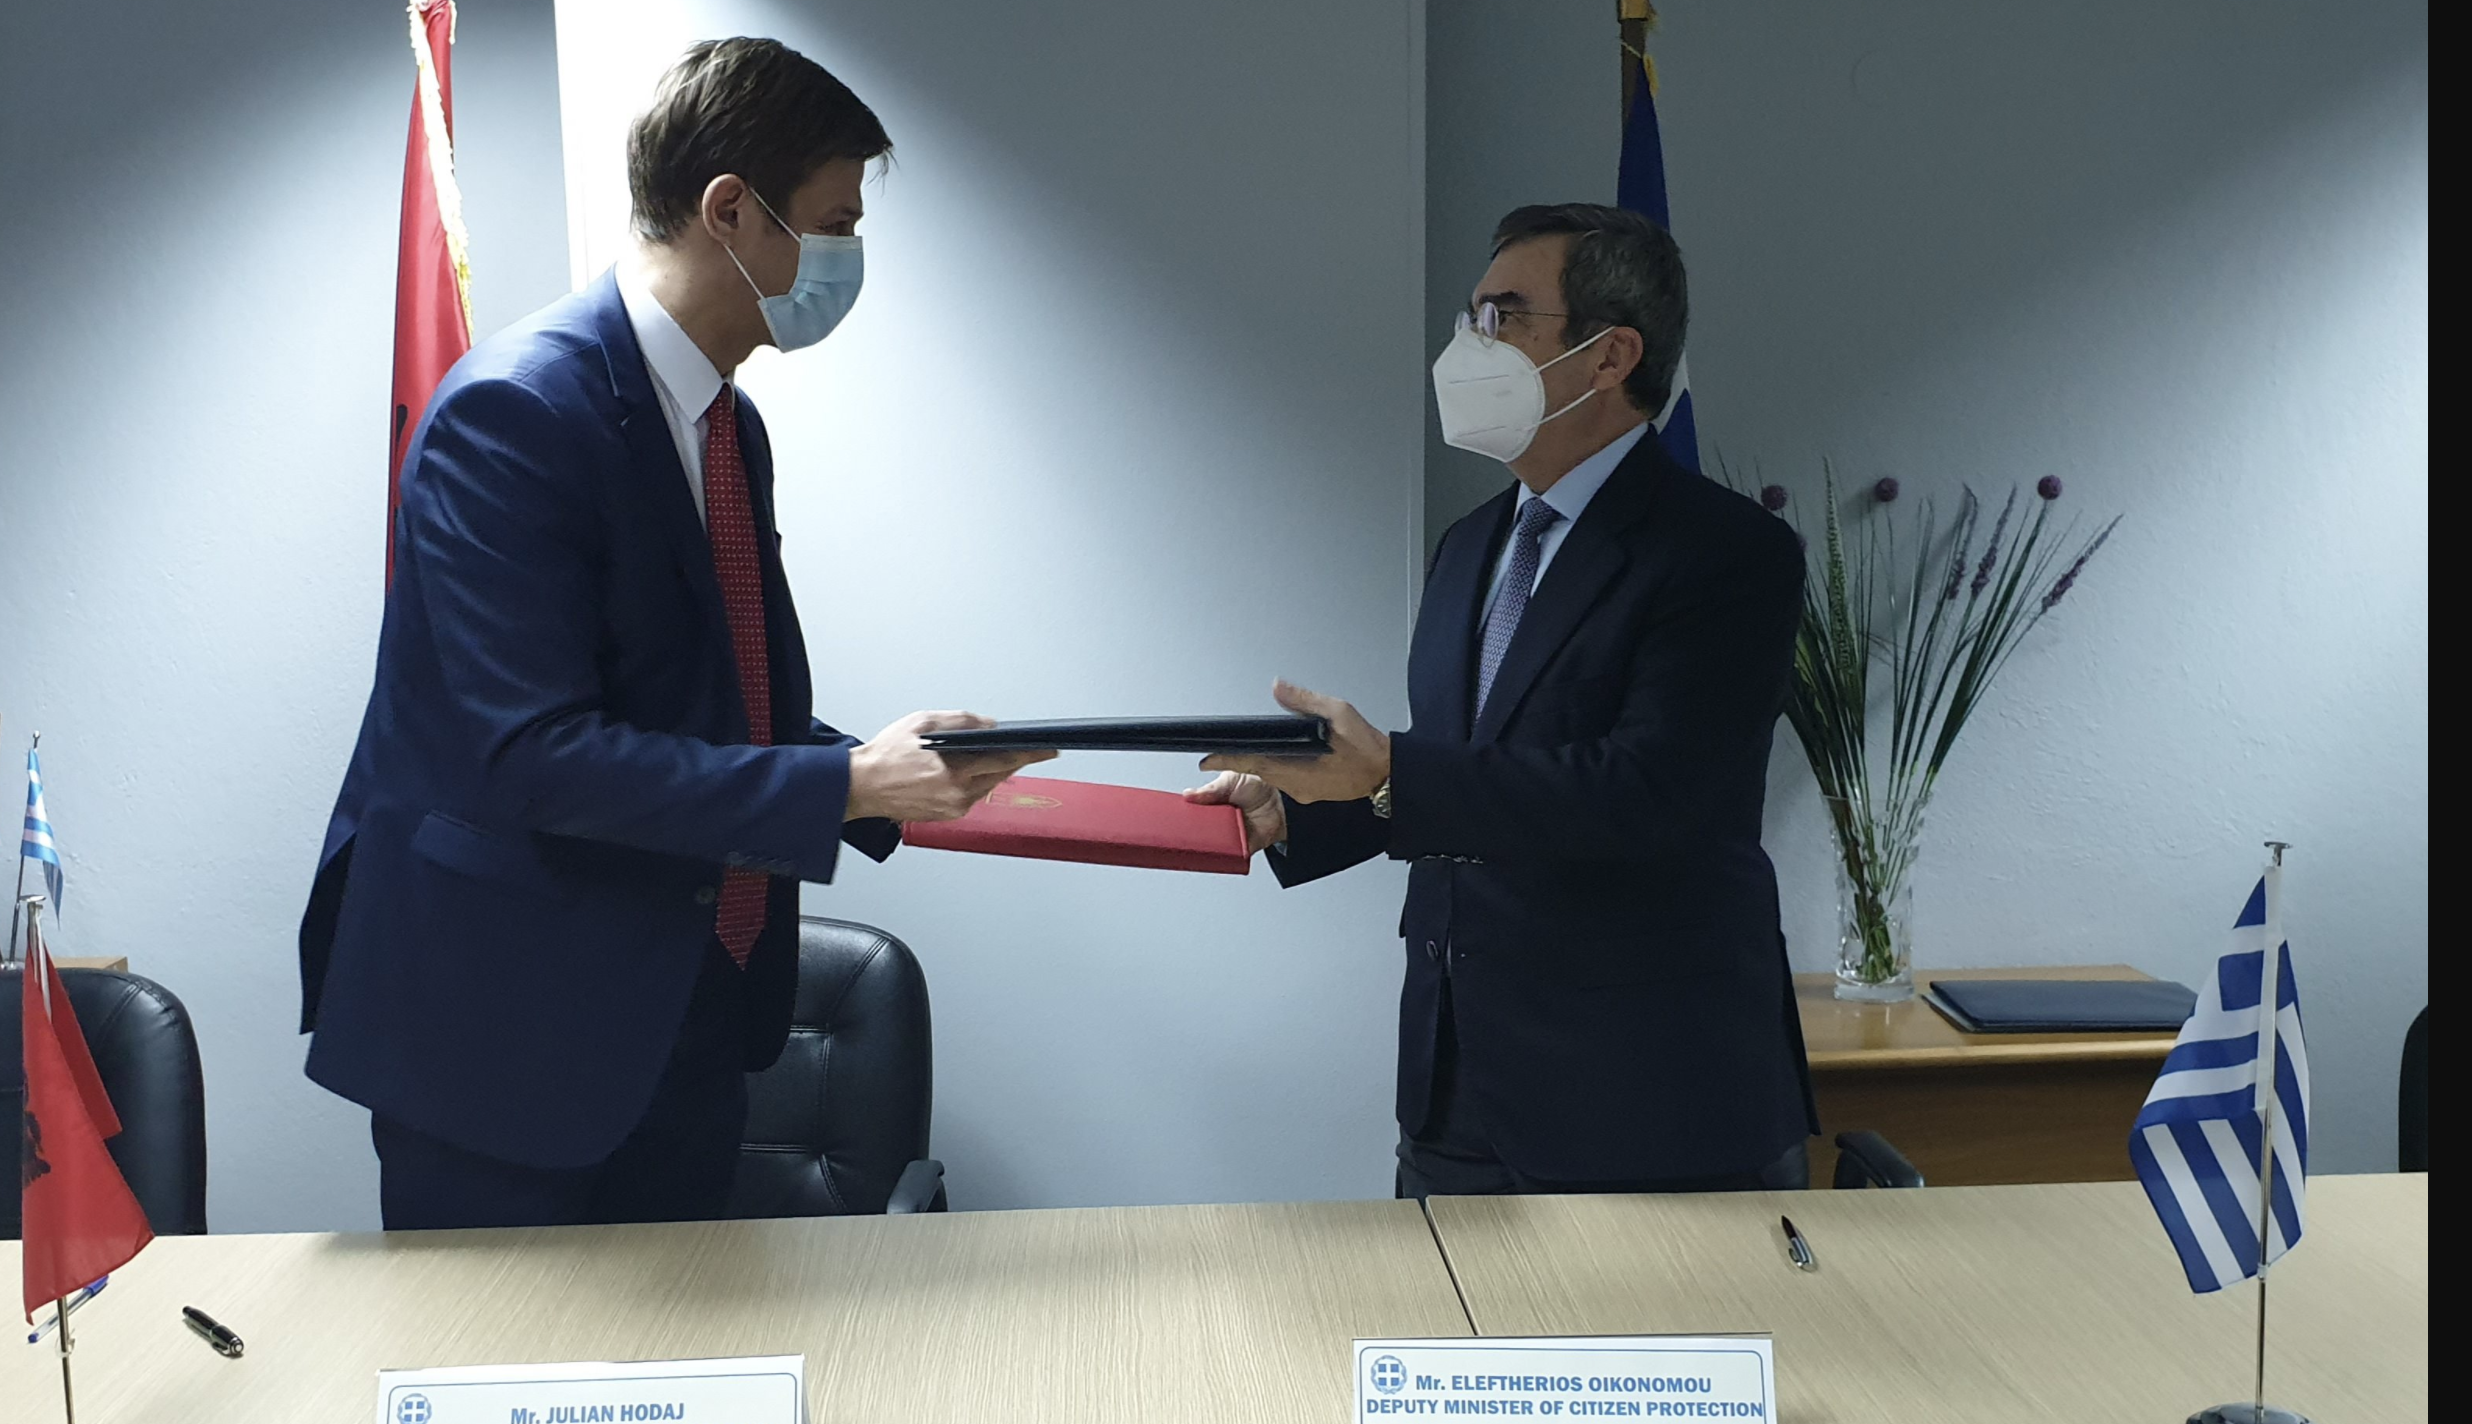 Κέντρο Επαφής Αστυνομικής και Τελωνειακής Συνεργασίας υπέγραψαν Ελλάδα και Αλβανία